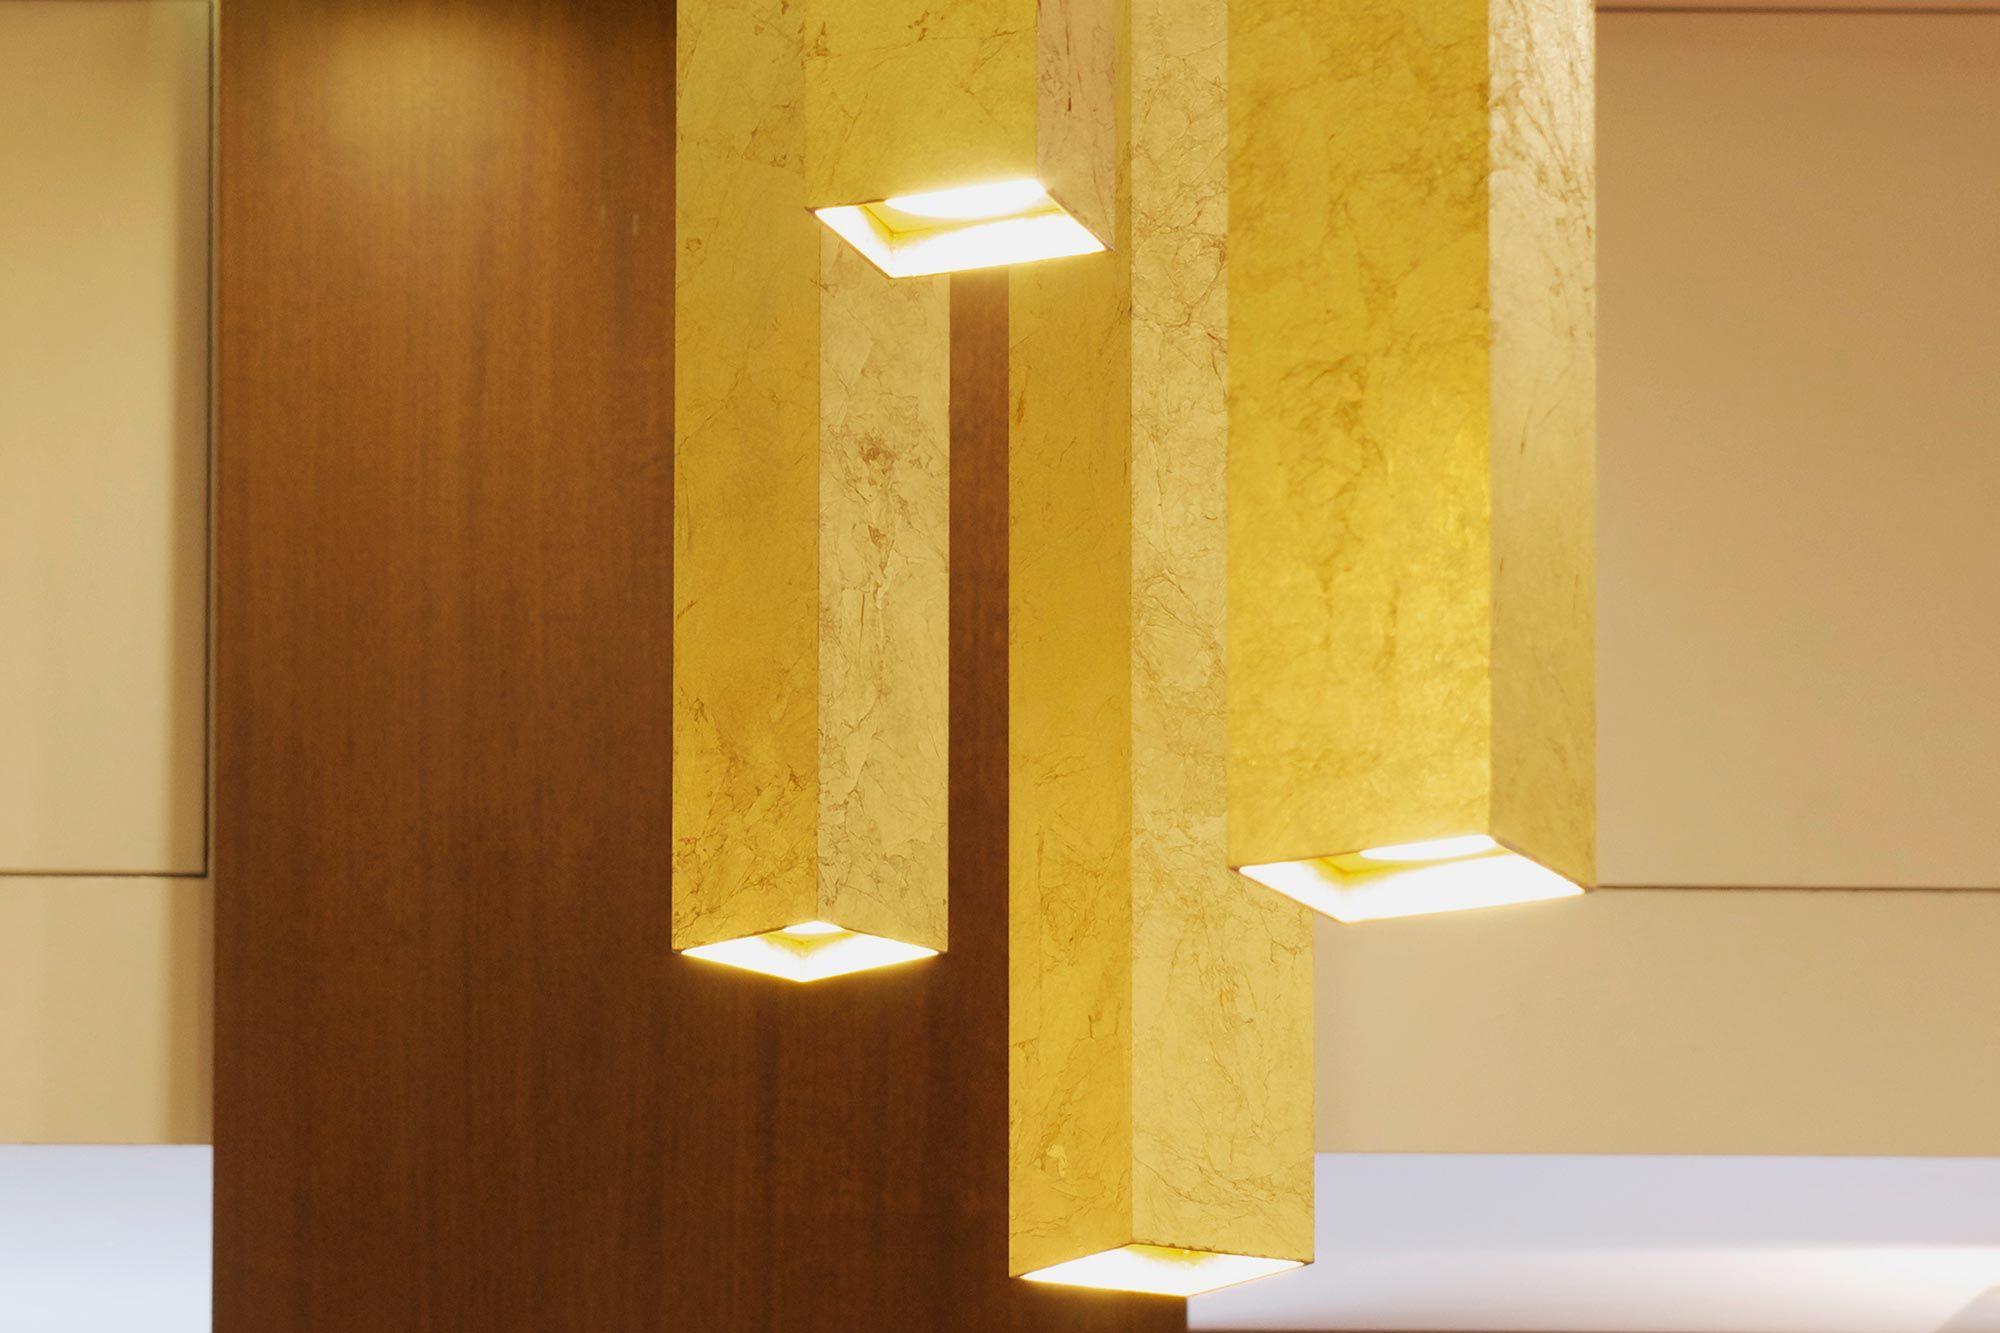 La lampada two in questo progetto esprime tutto il suo potenziale